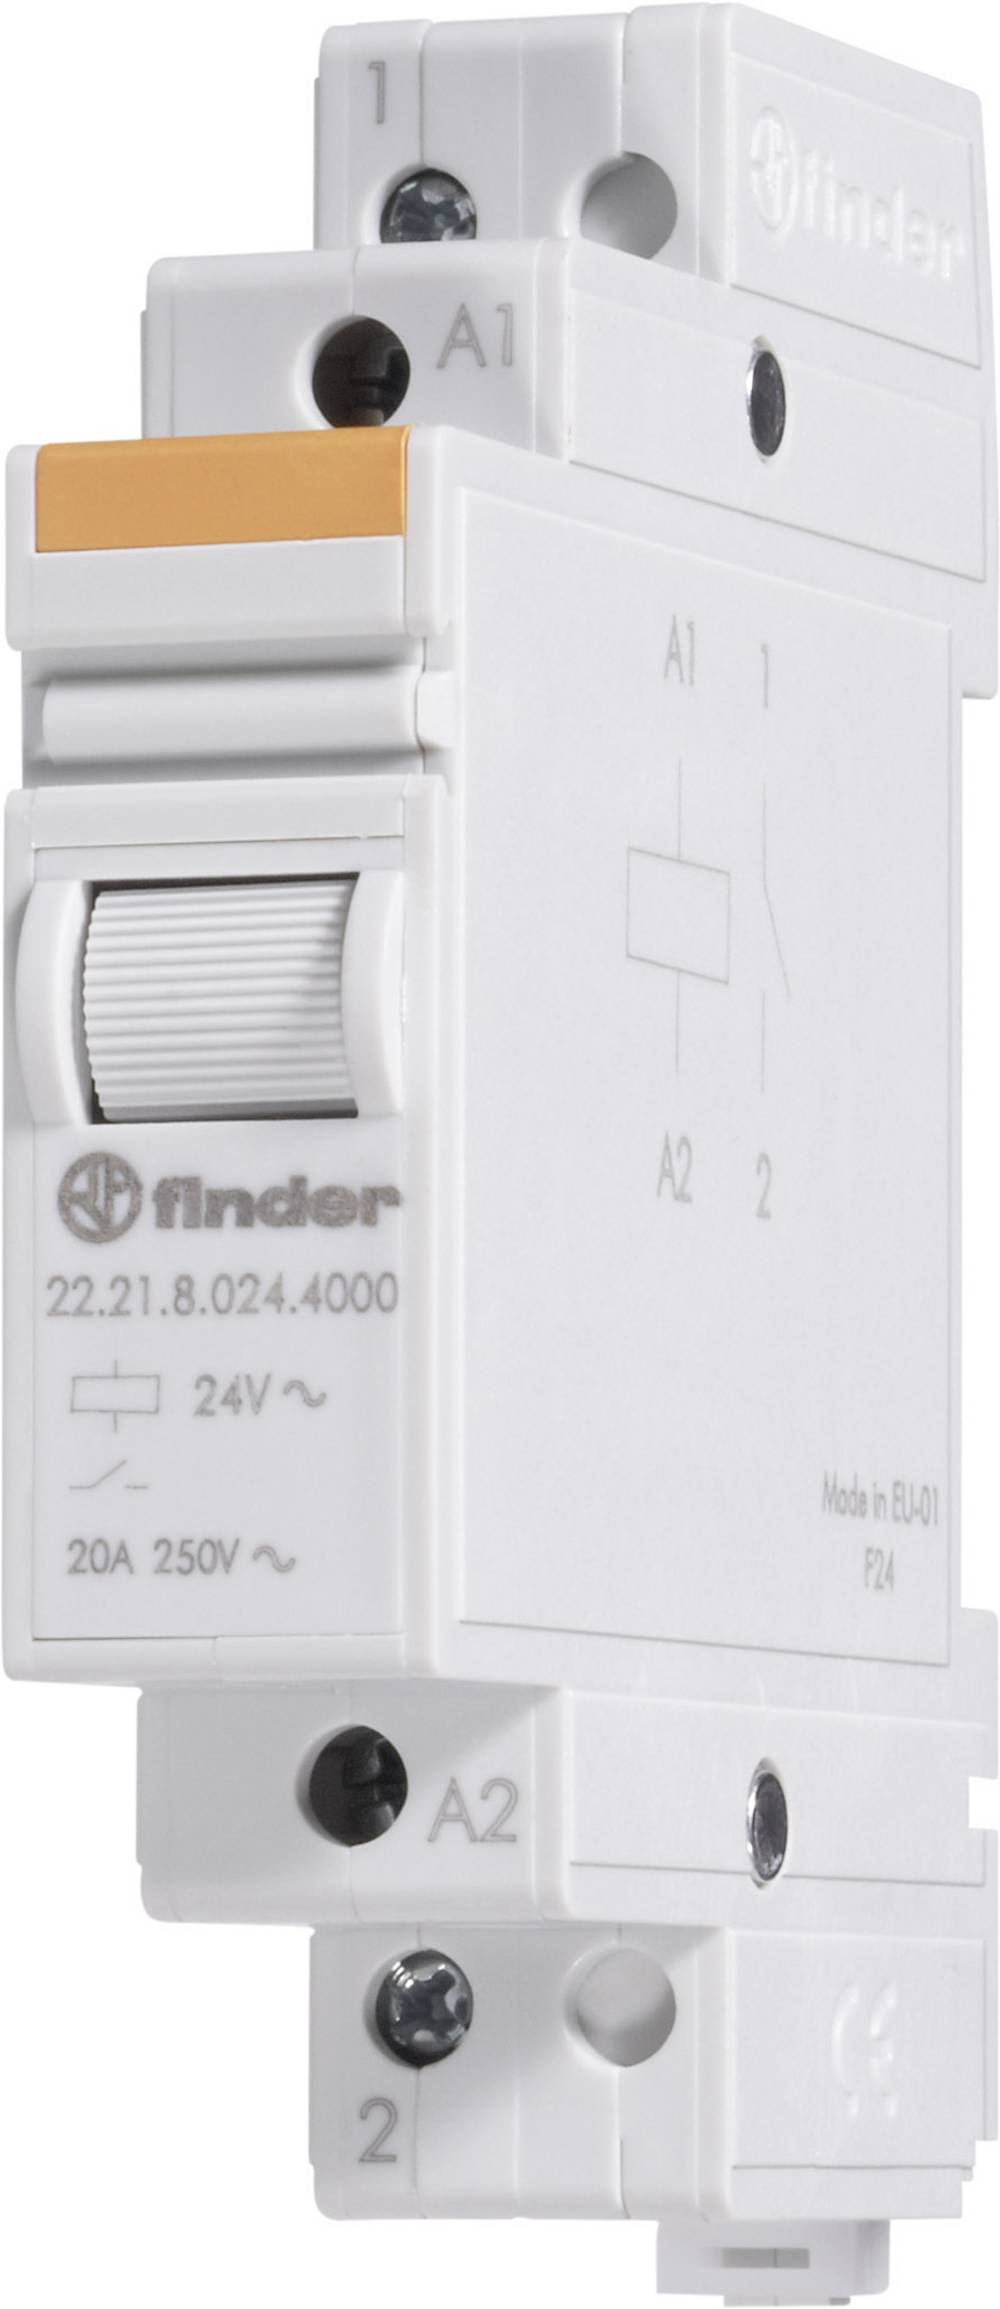 Industrirelæ 1 stk Finder 22.23.9.012.4000 Nominel spænding: 12 V/DC Brydestrøm (max.): 20 A 1 x sluttekontakt, 1 x brydekontakt